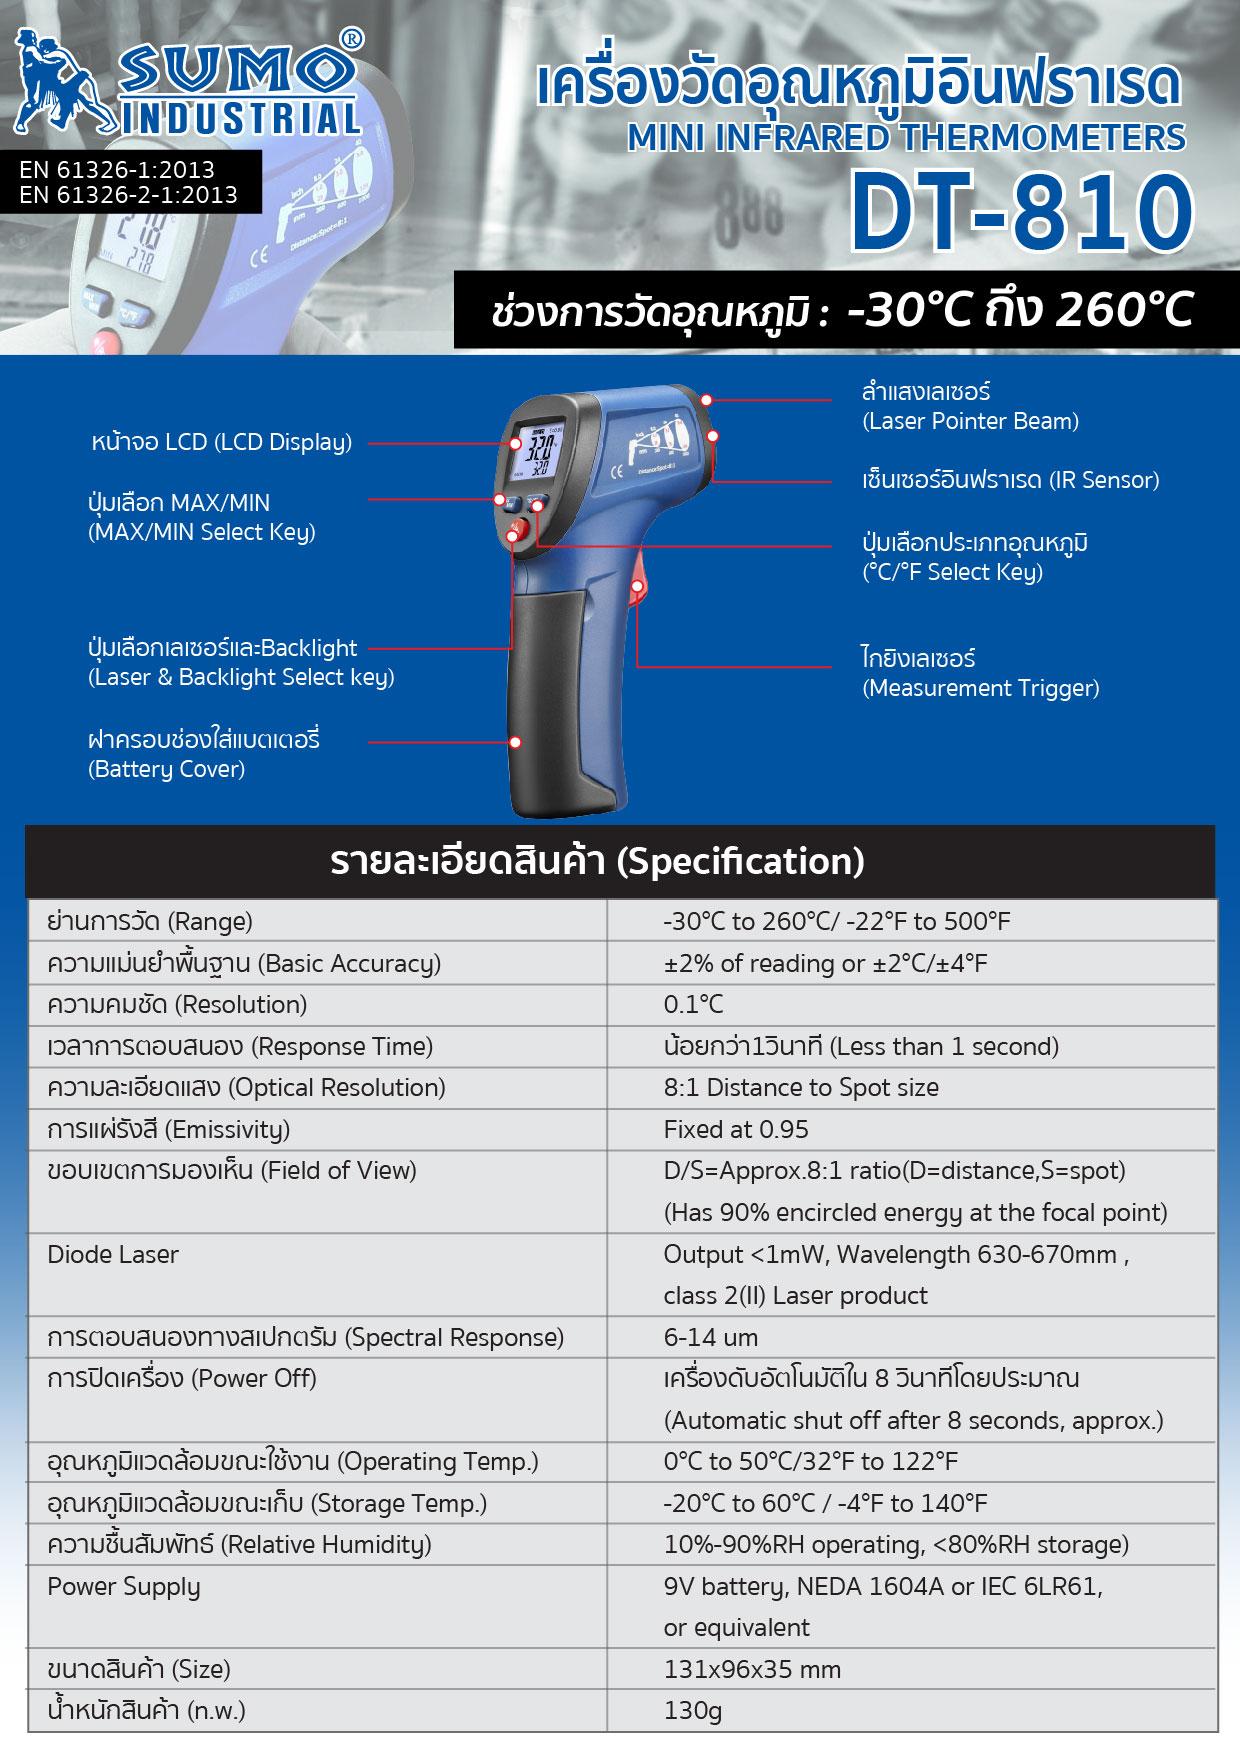 (8/20) เครื่องวัดอุณหภูมิอินฟราเรด รุ่น DT-810 - Mini Infrared Thermometer